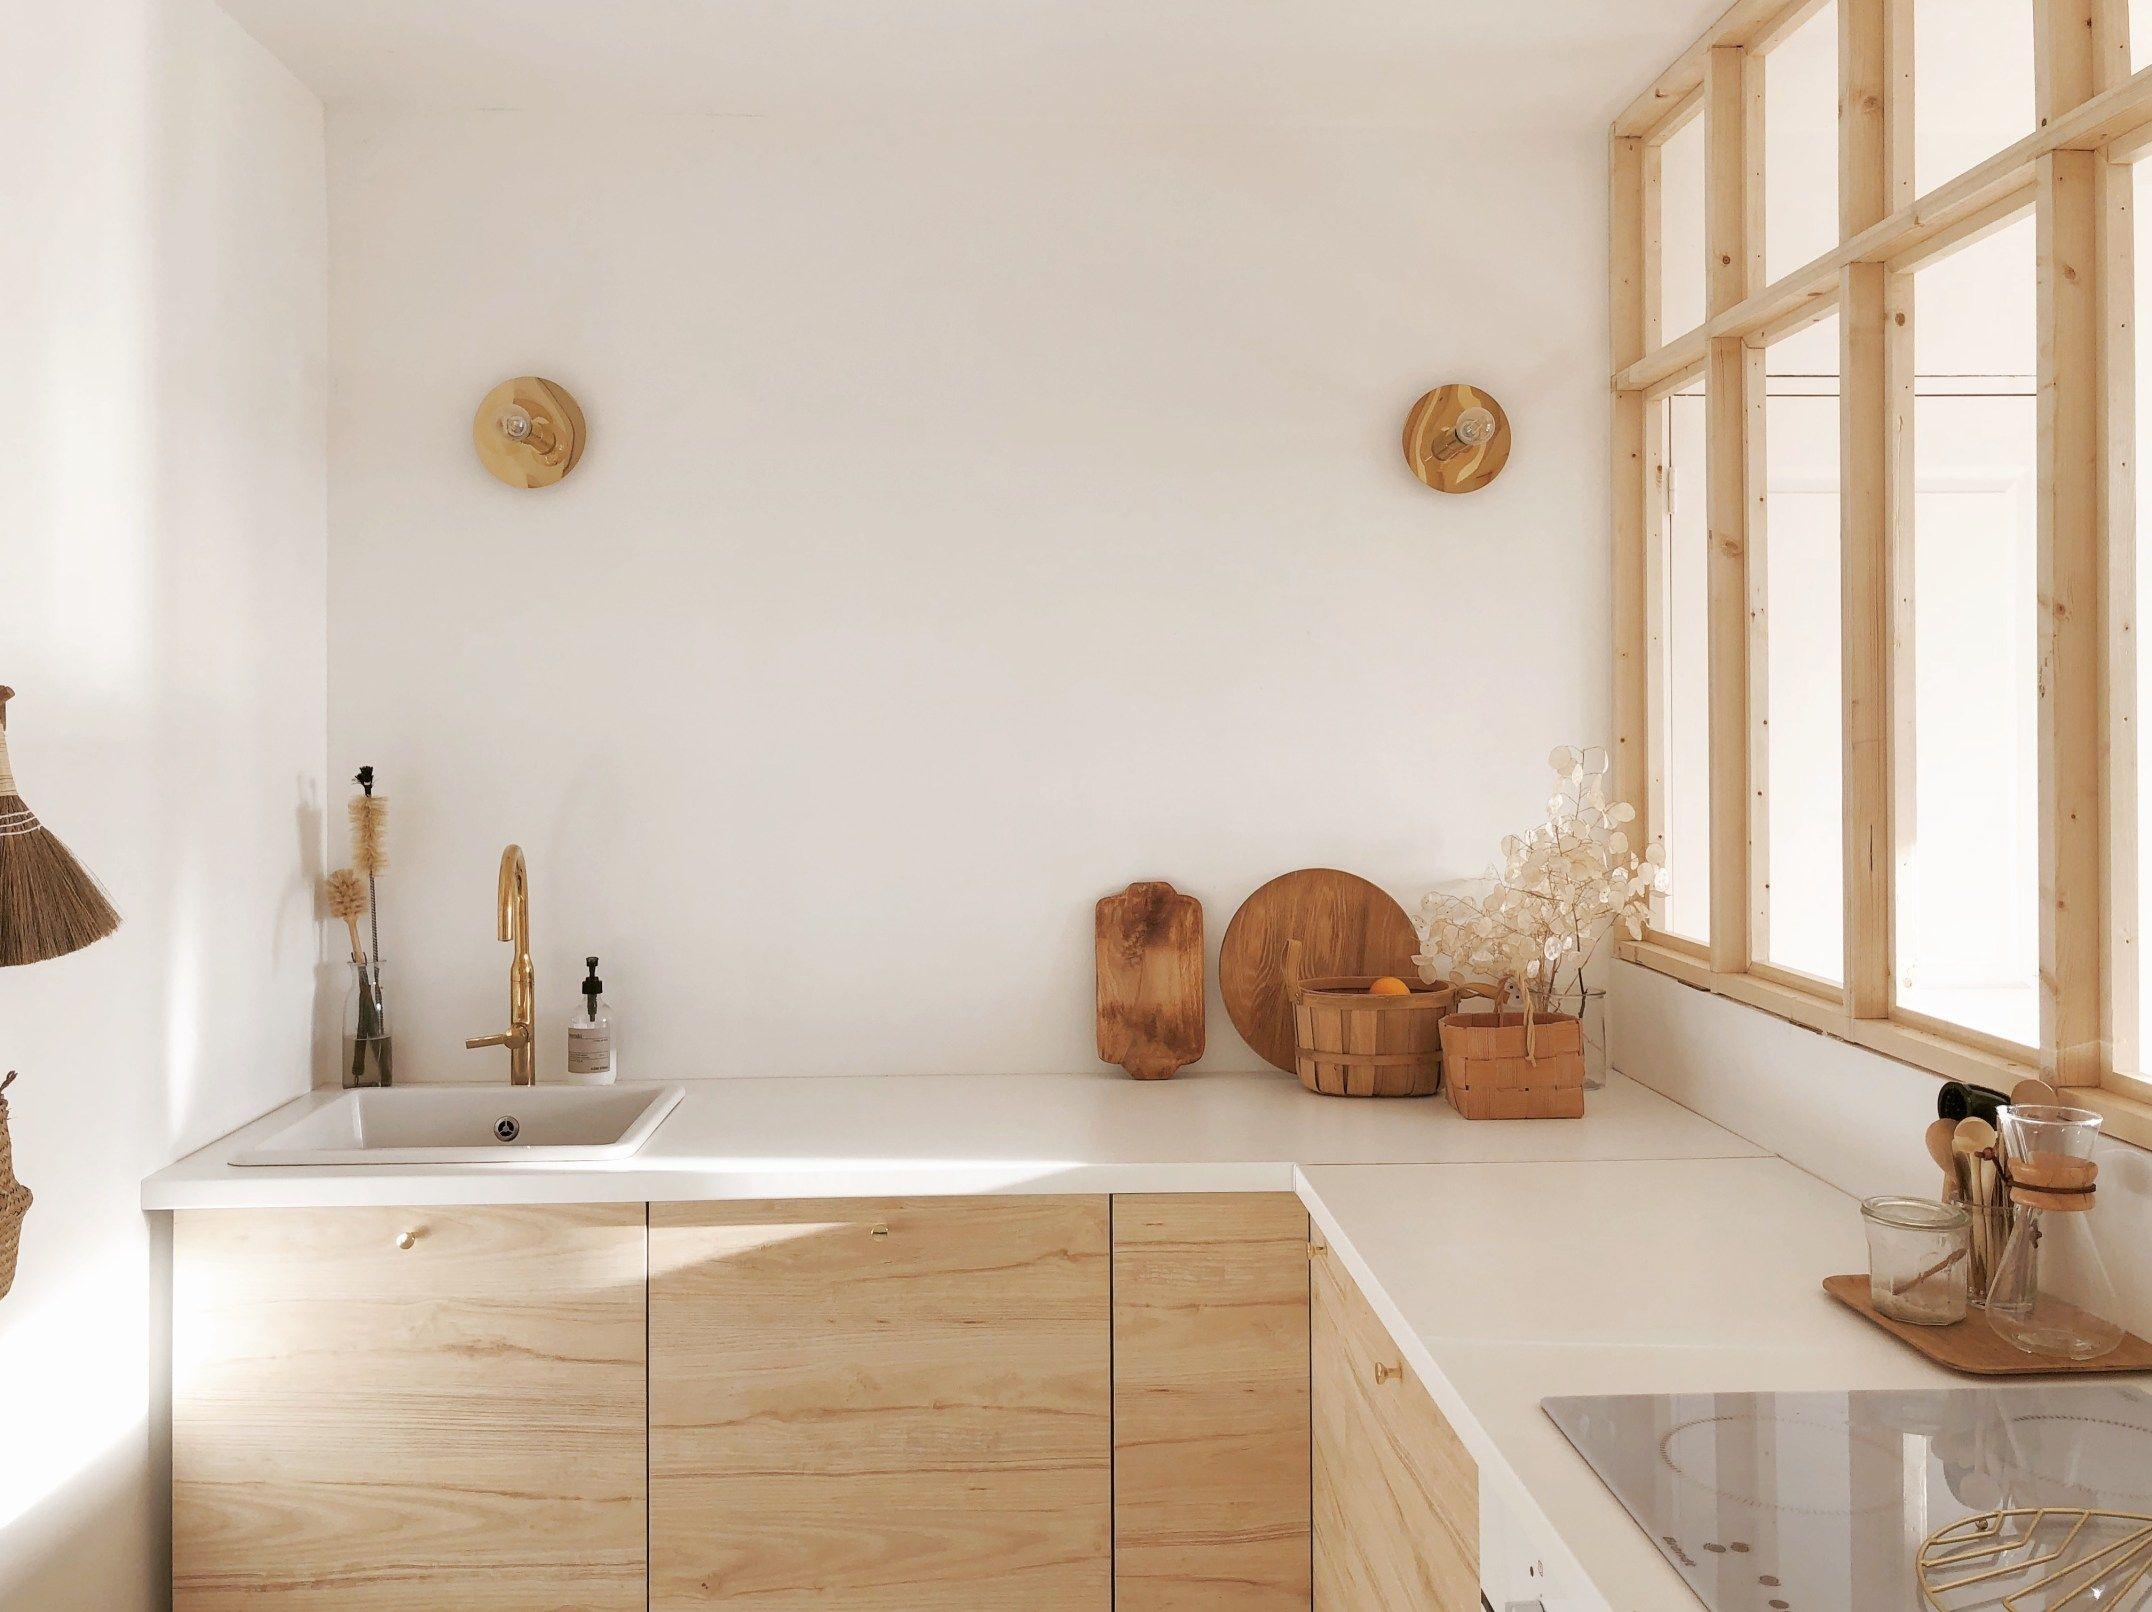 La Maison Nature De Cecile De L Instagram Octobre Et Mai Hello Blogzine Blog Deco Lifest Maison Normande Style Western Accessoires De Decoration De Maison